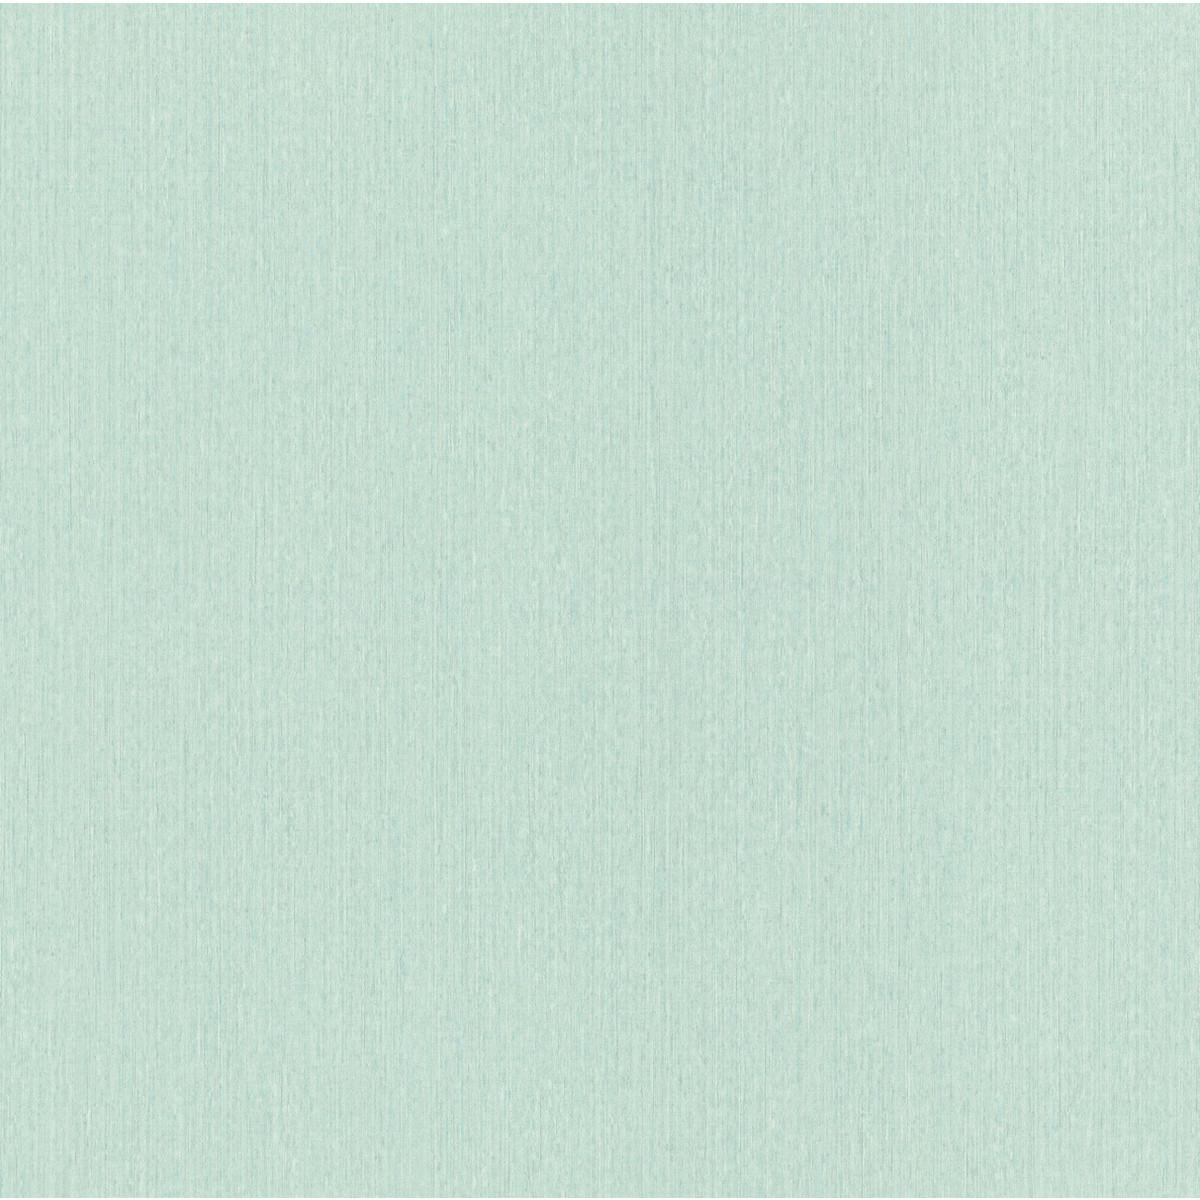 Обои флизелиновые Rasch Barbara XL бирюзовые 800500 1.06 м